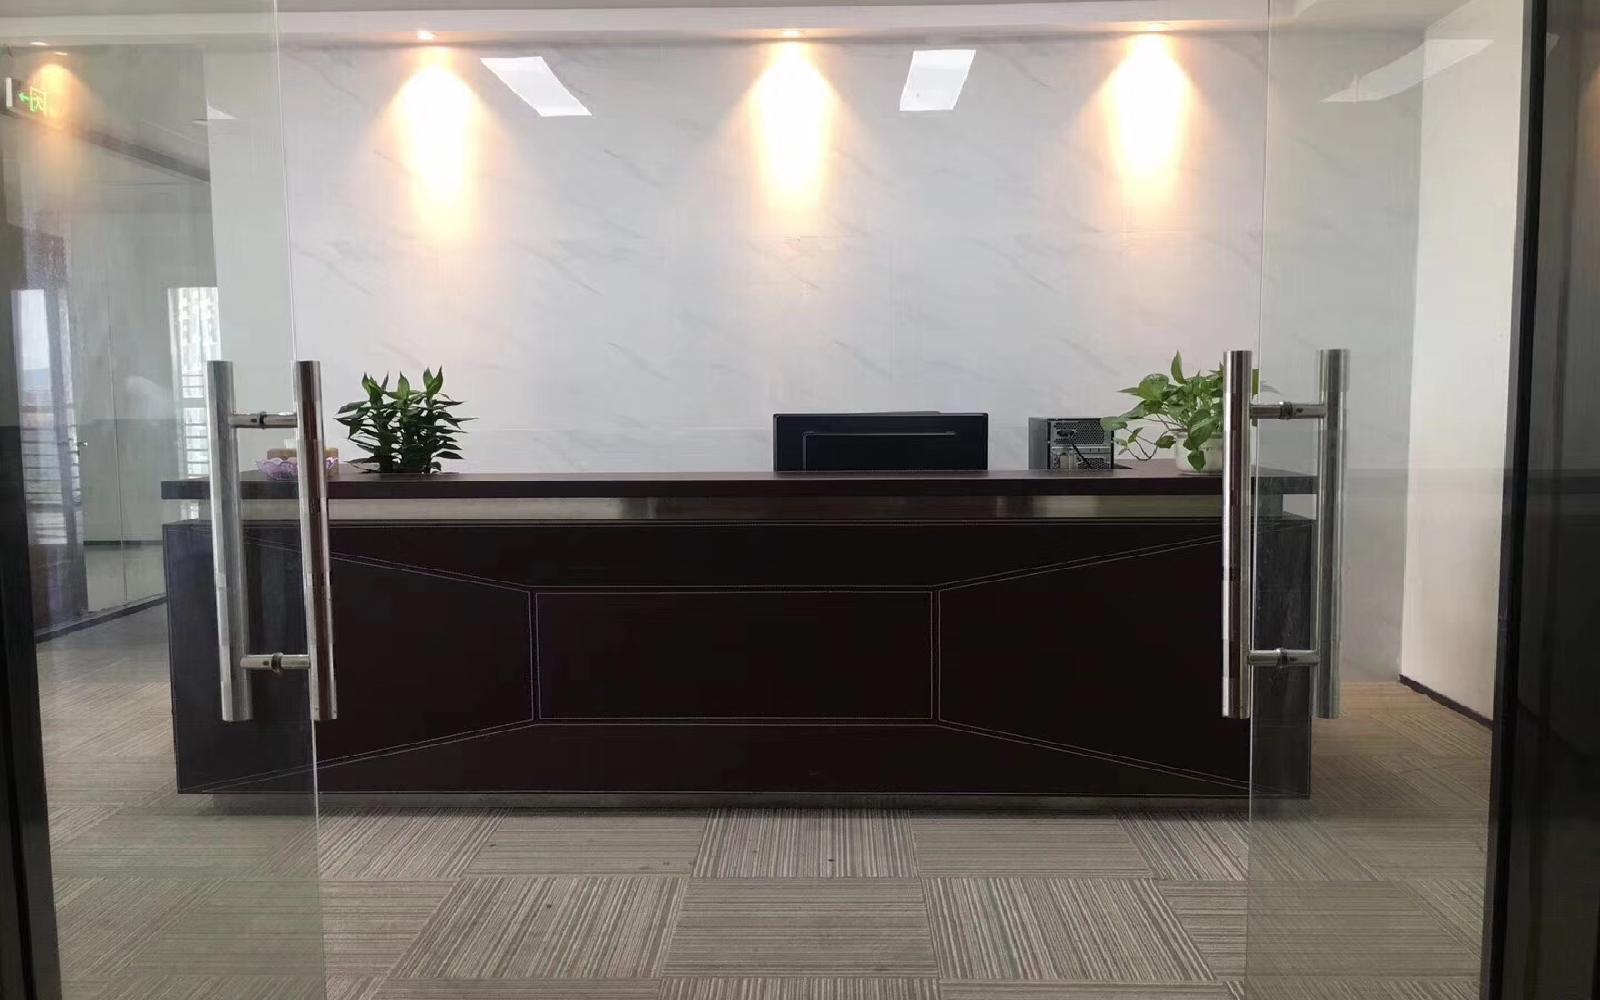 宝安-宝安中心区 龙光世纪大厦 356m²